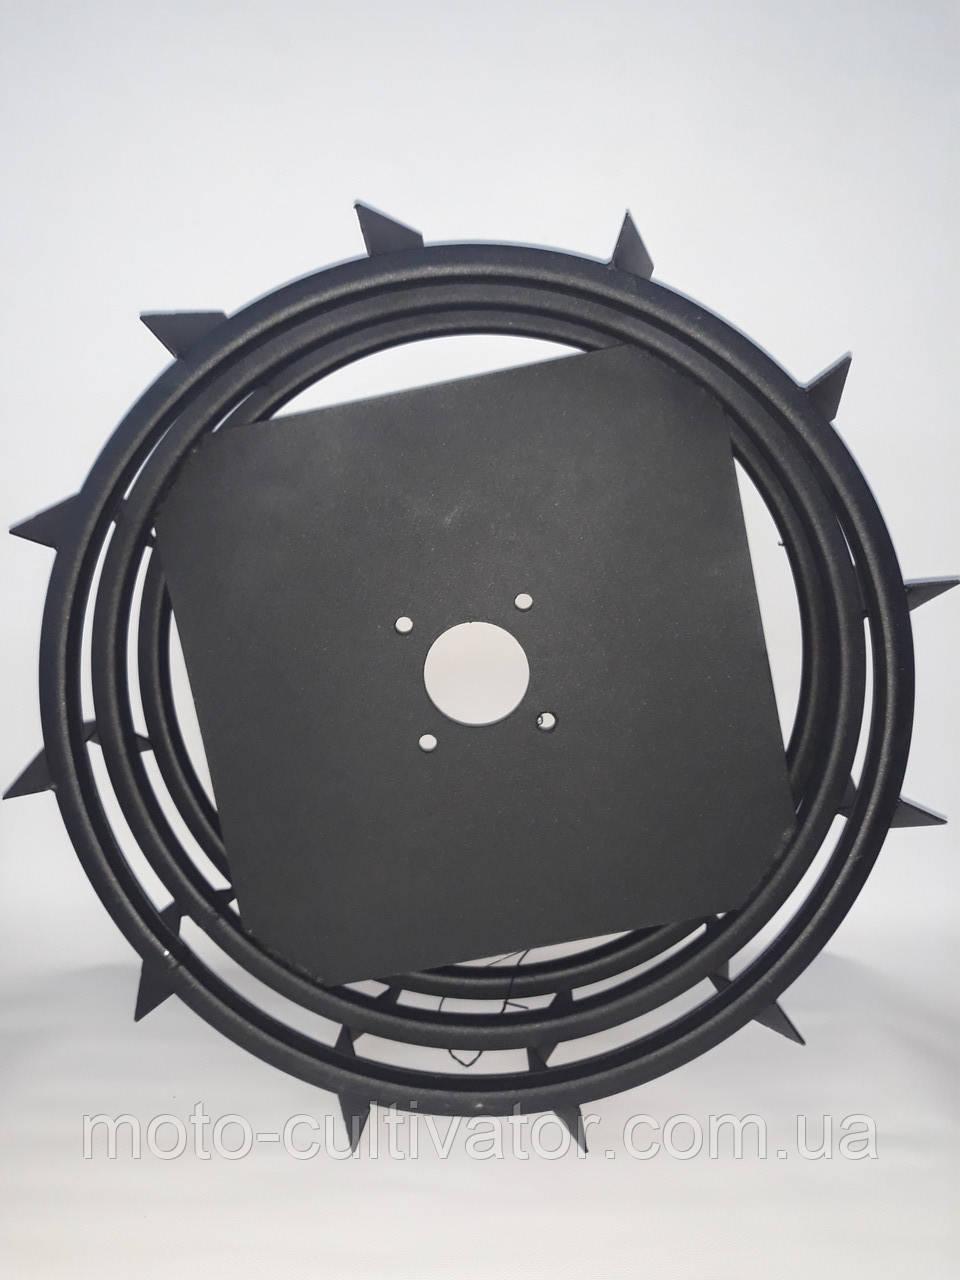 Грунтозацепы для мотоблока усиленные (железные колеса) Ø 550